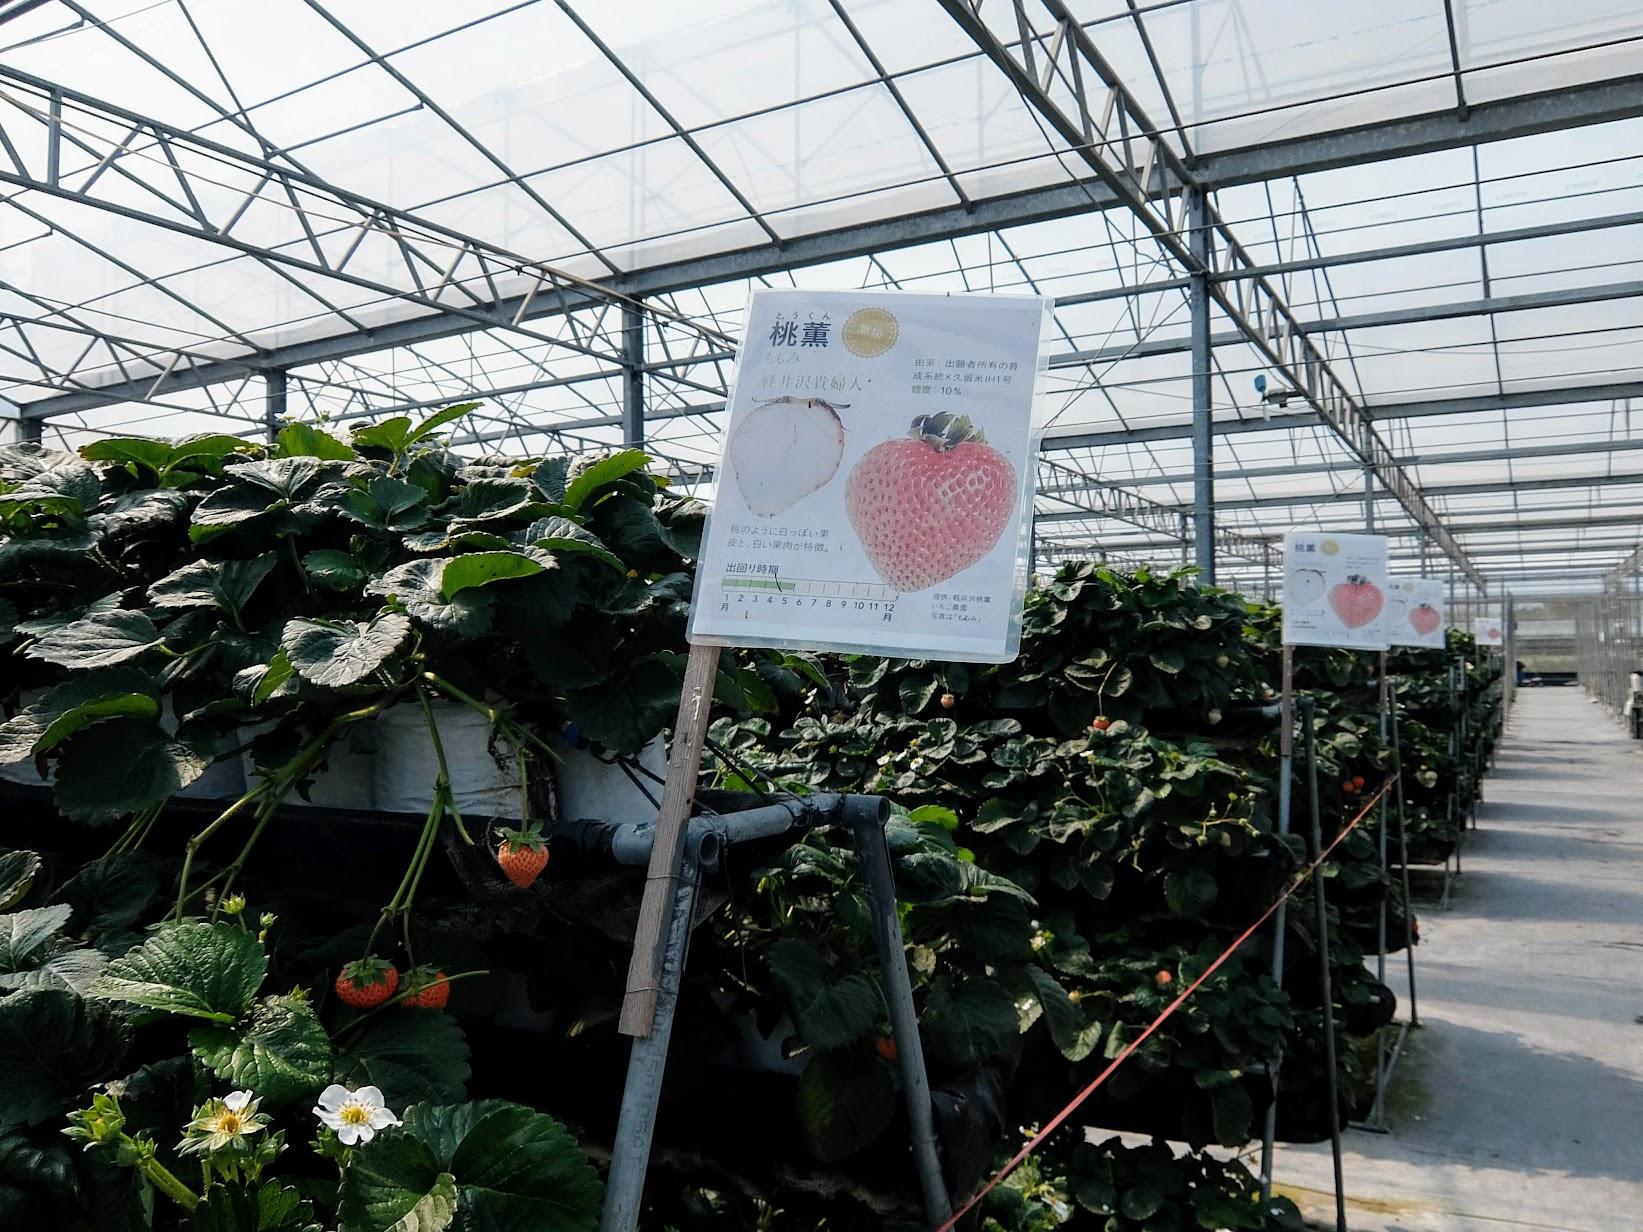 像這邊就是桃熏草莓